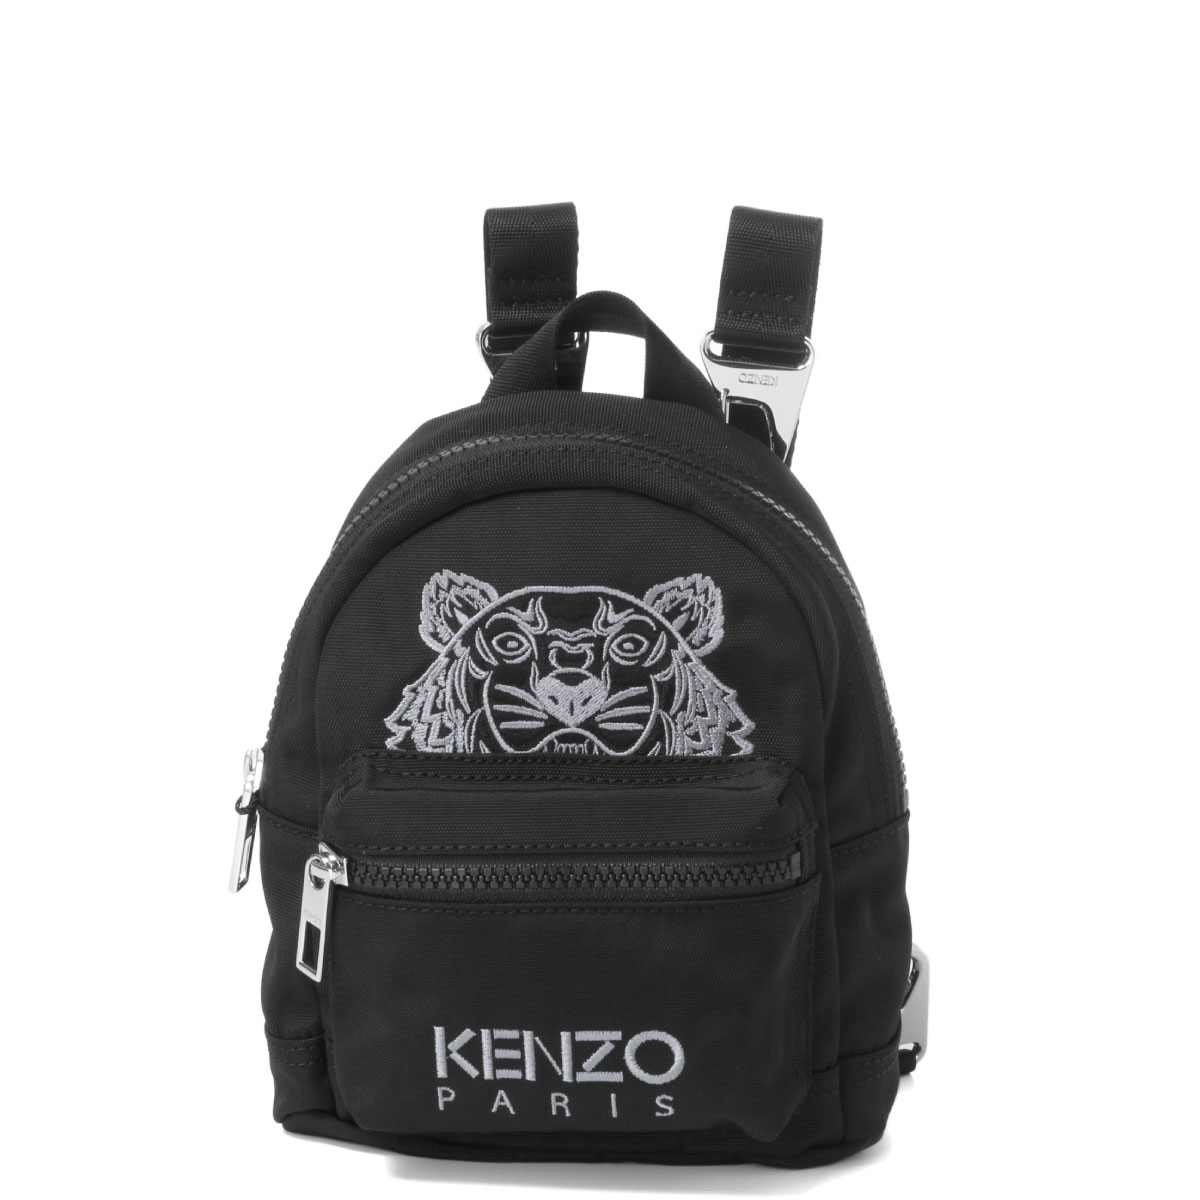 92be2e4c9fa Kenzo KENZO bag lady 5SF301F20 99 shoulder backpack mini-BLACK black  belonging to